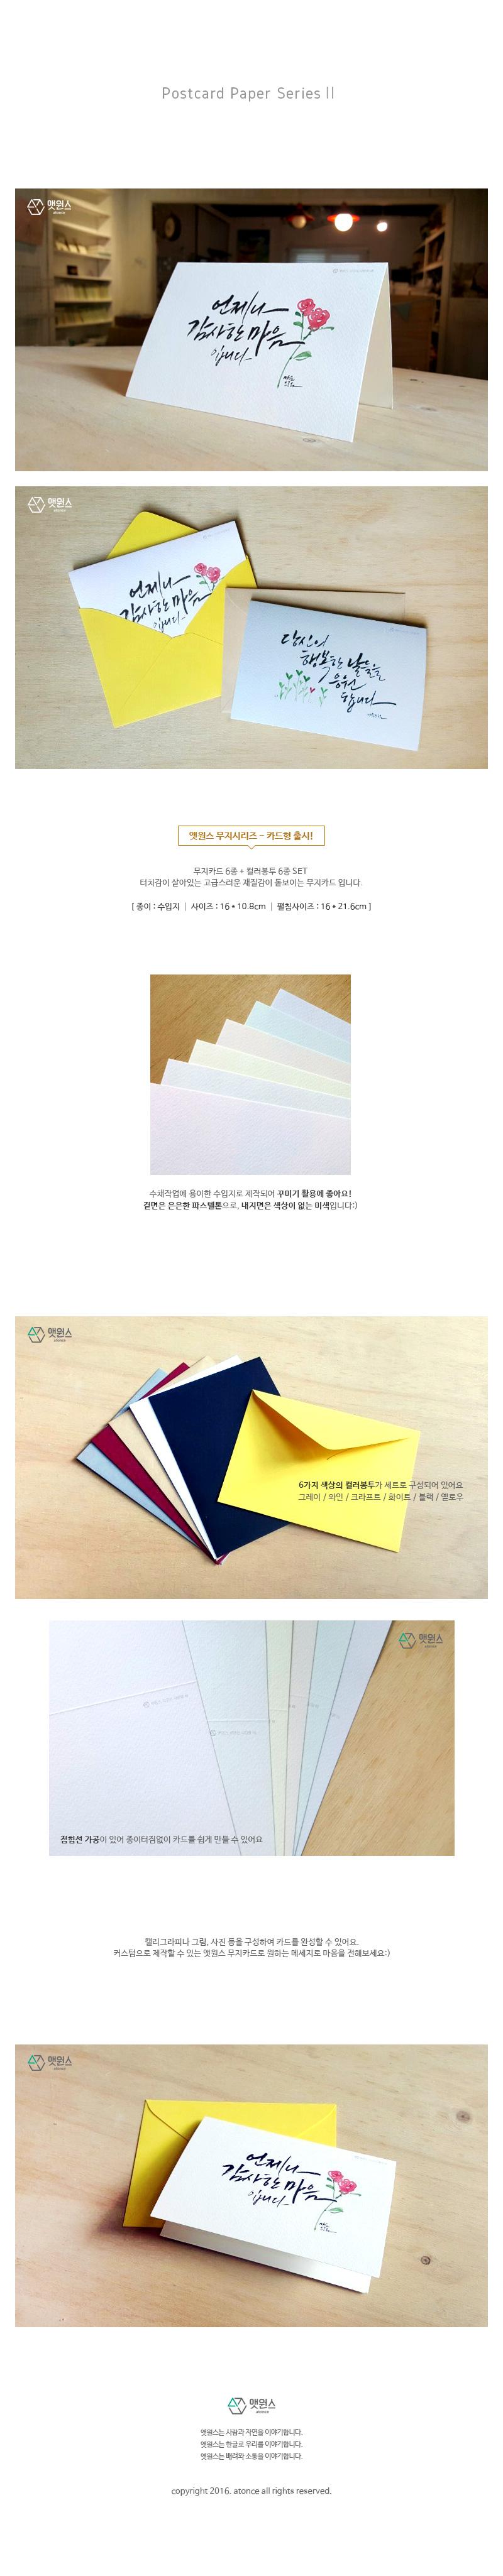 앳원스-무지카드 크리스마스카드 연하장 6매(봉투포함) - 앳원스, 3,000원, 카드, 크리스마스 카드